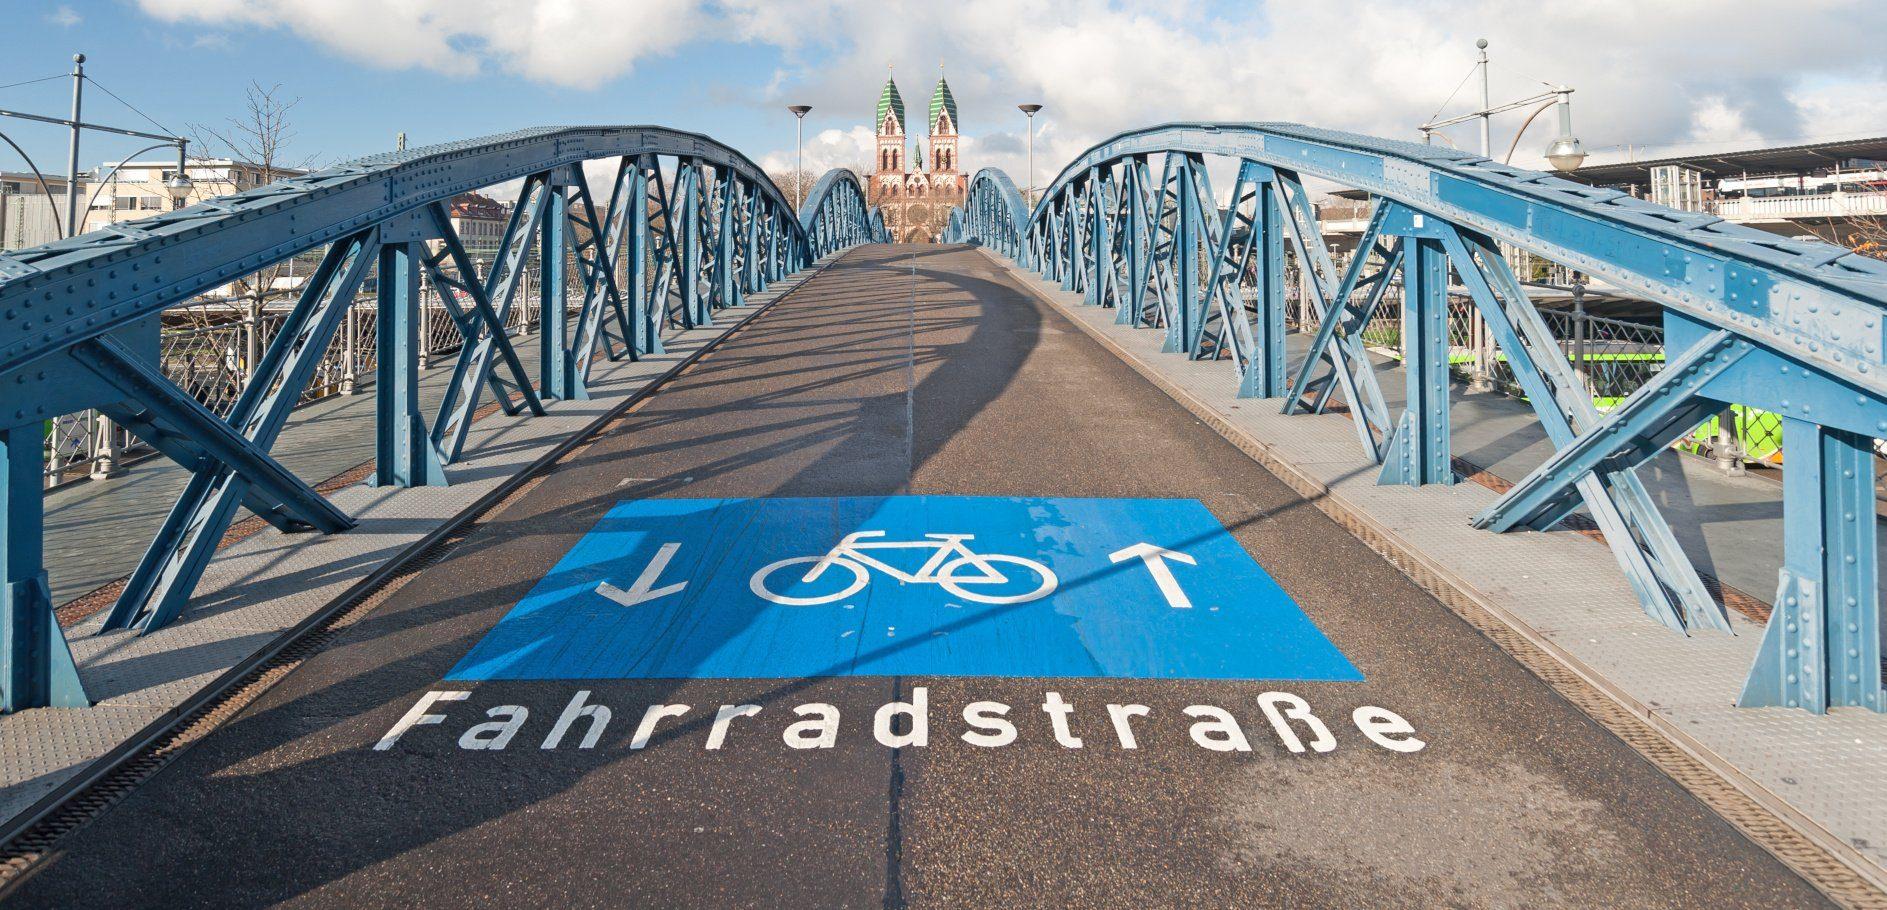 Fahrradstraße: Fahrrad- und Nahmobilitätsgesetz in NRW soll den Radverkehr fördern